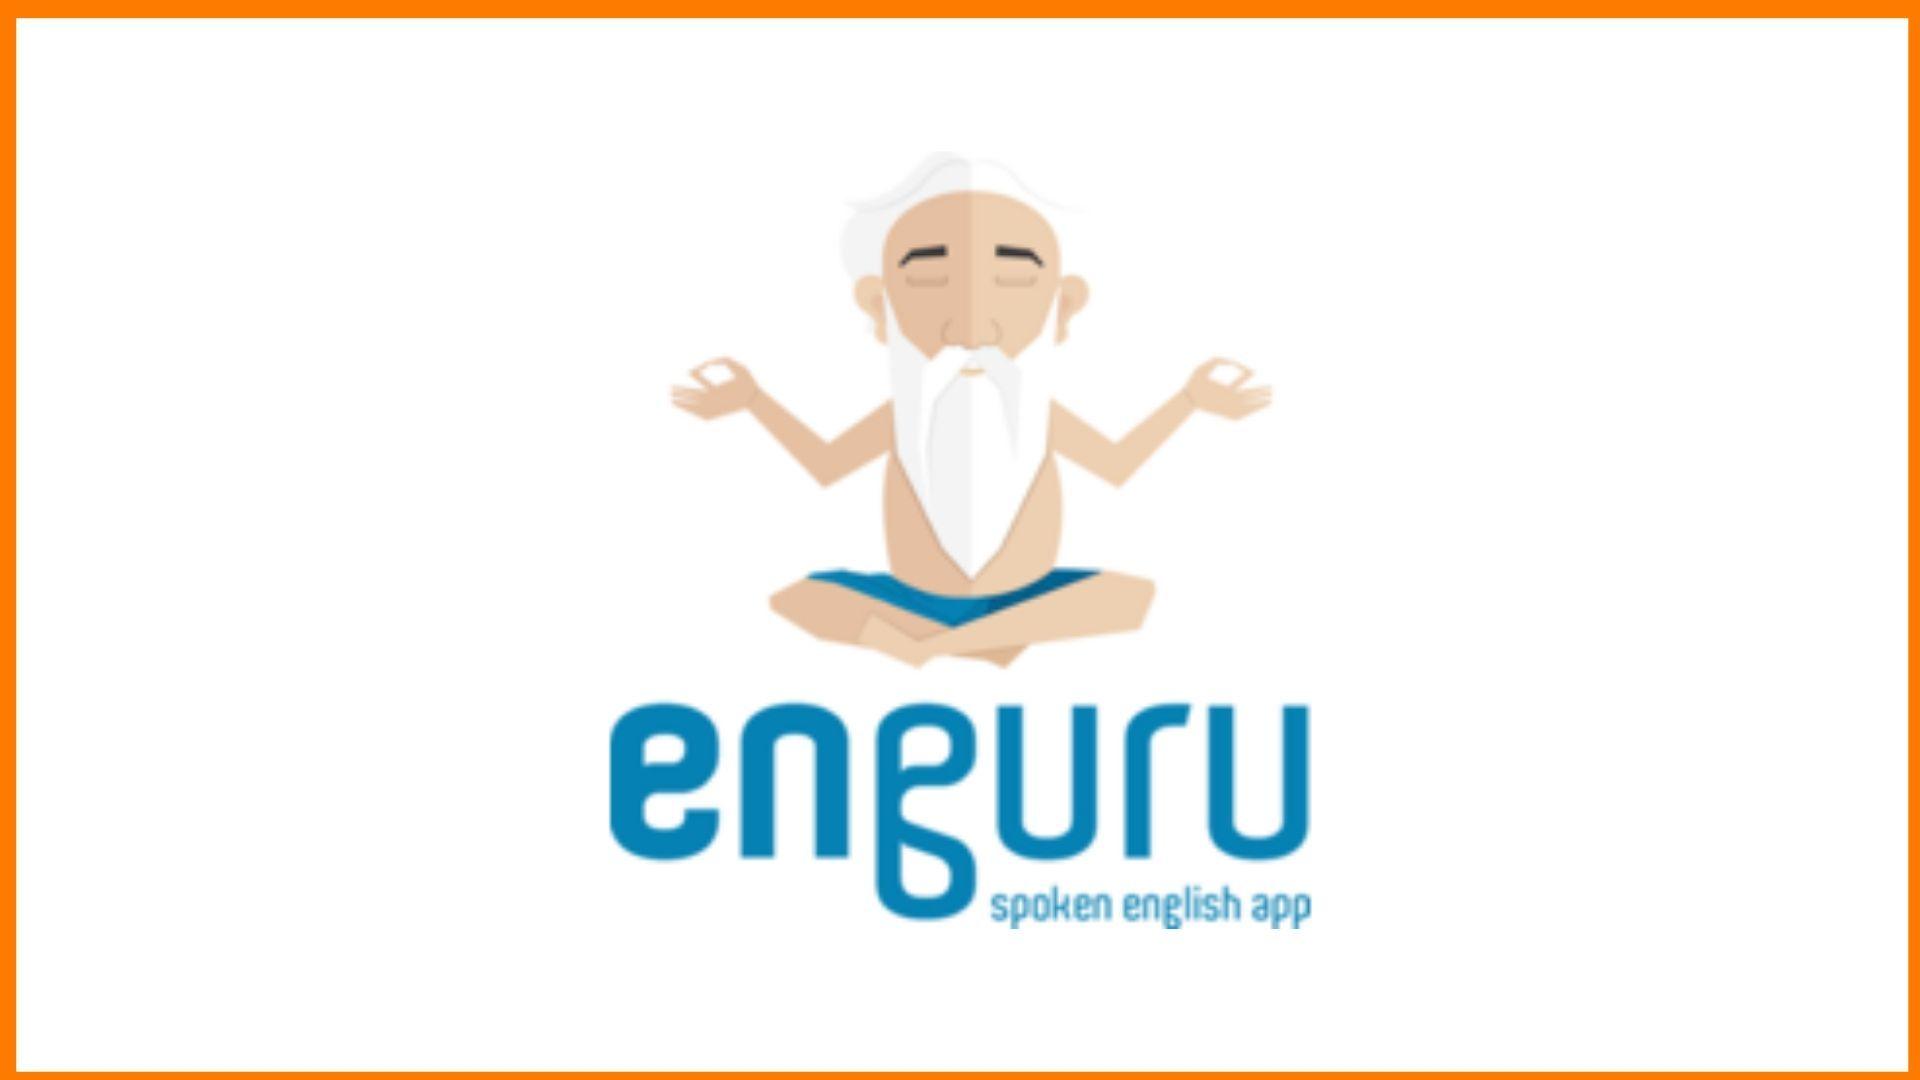 enguru Logo